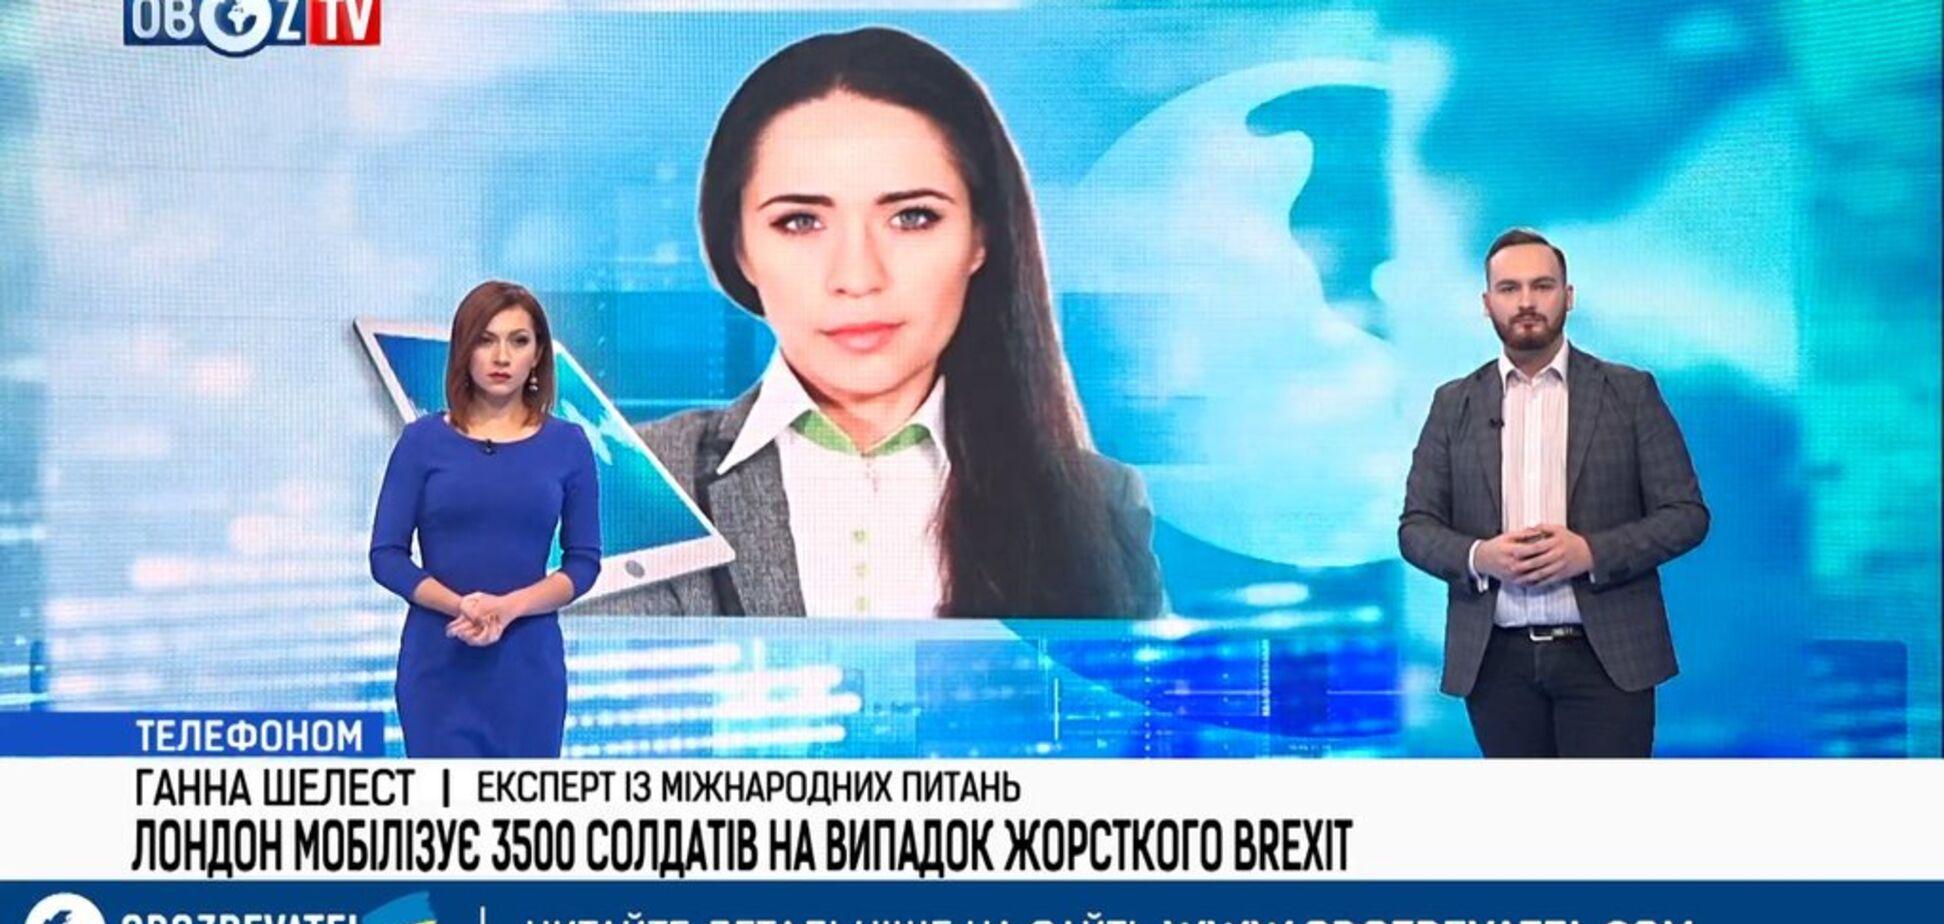 Накануне Brexit: множество сфер жизнедеятельности Британии после выхода из ЕС будут неконтролируемы – эксперт